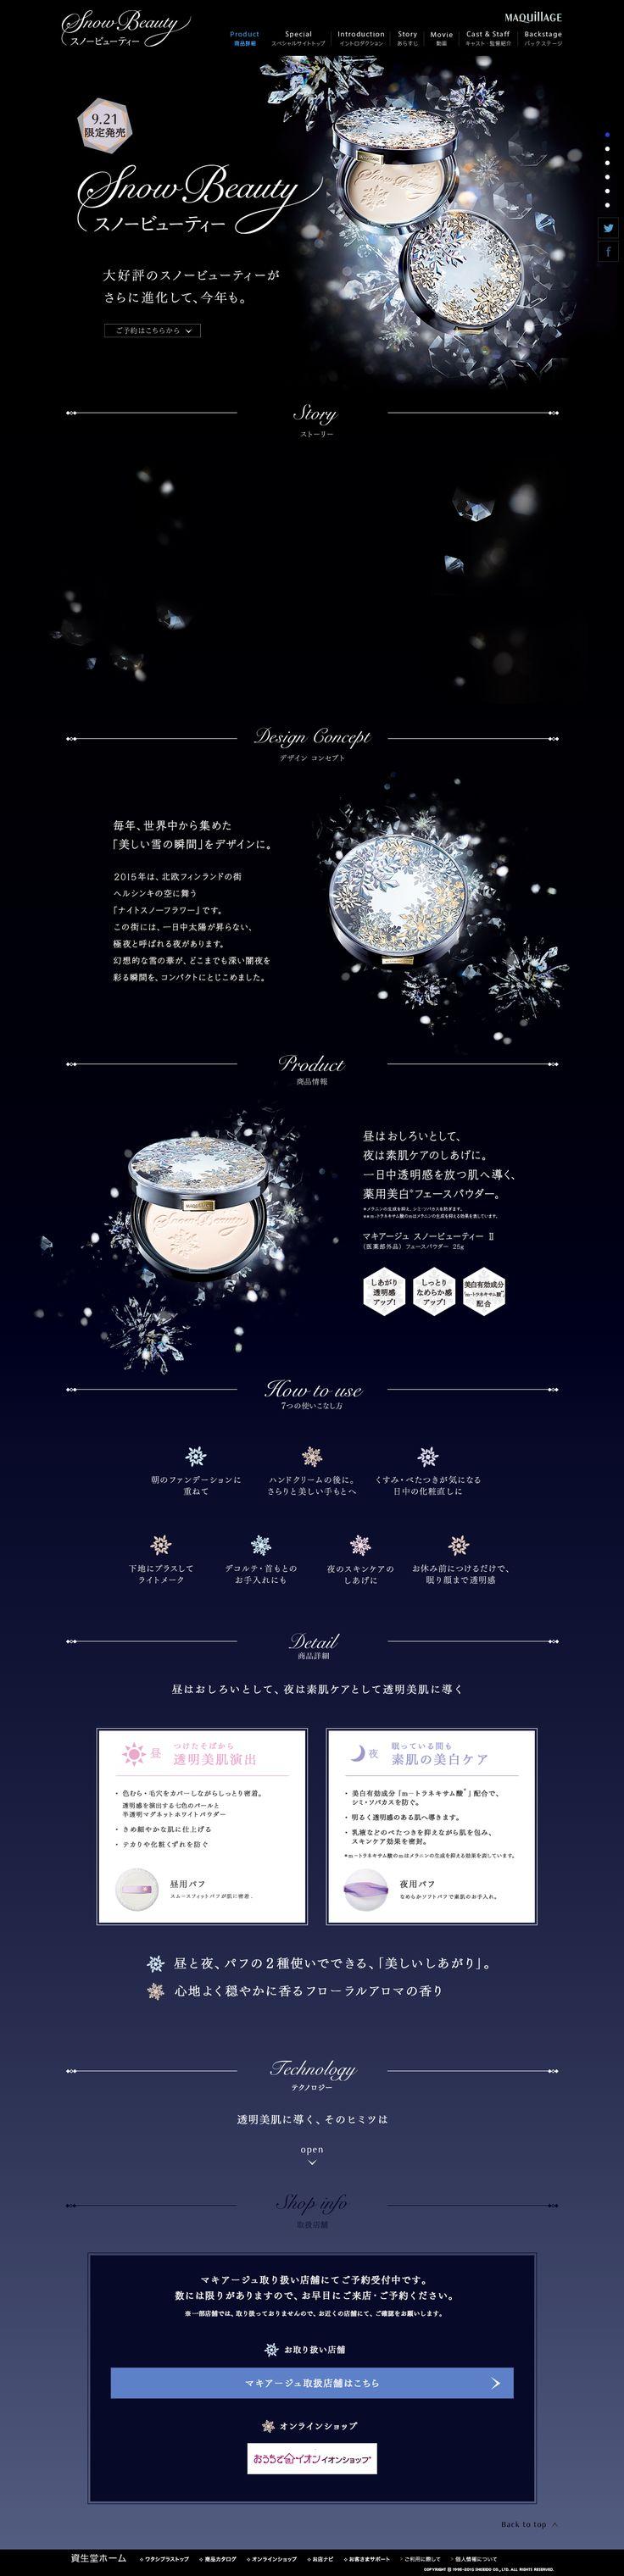 Snow Beauty|資生堂 特設サイト>商品紹介ページ